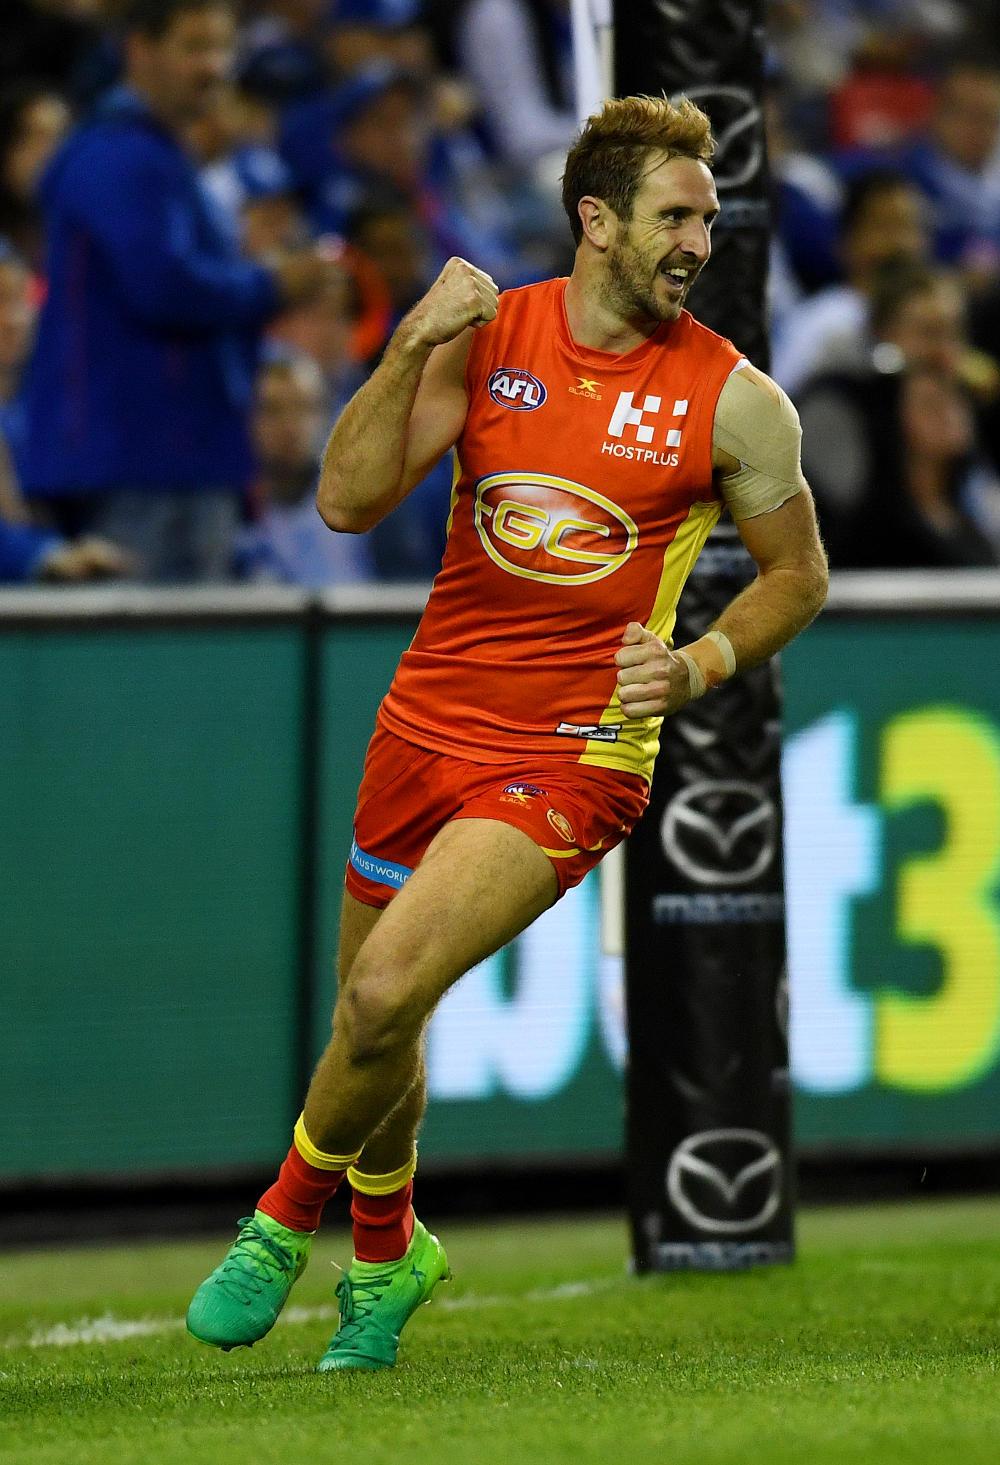 Michael Barlow Gold Coast Suns AFL 2017 tall